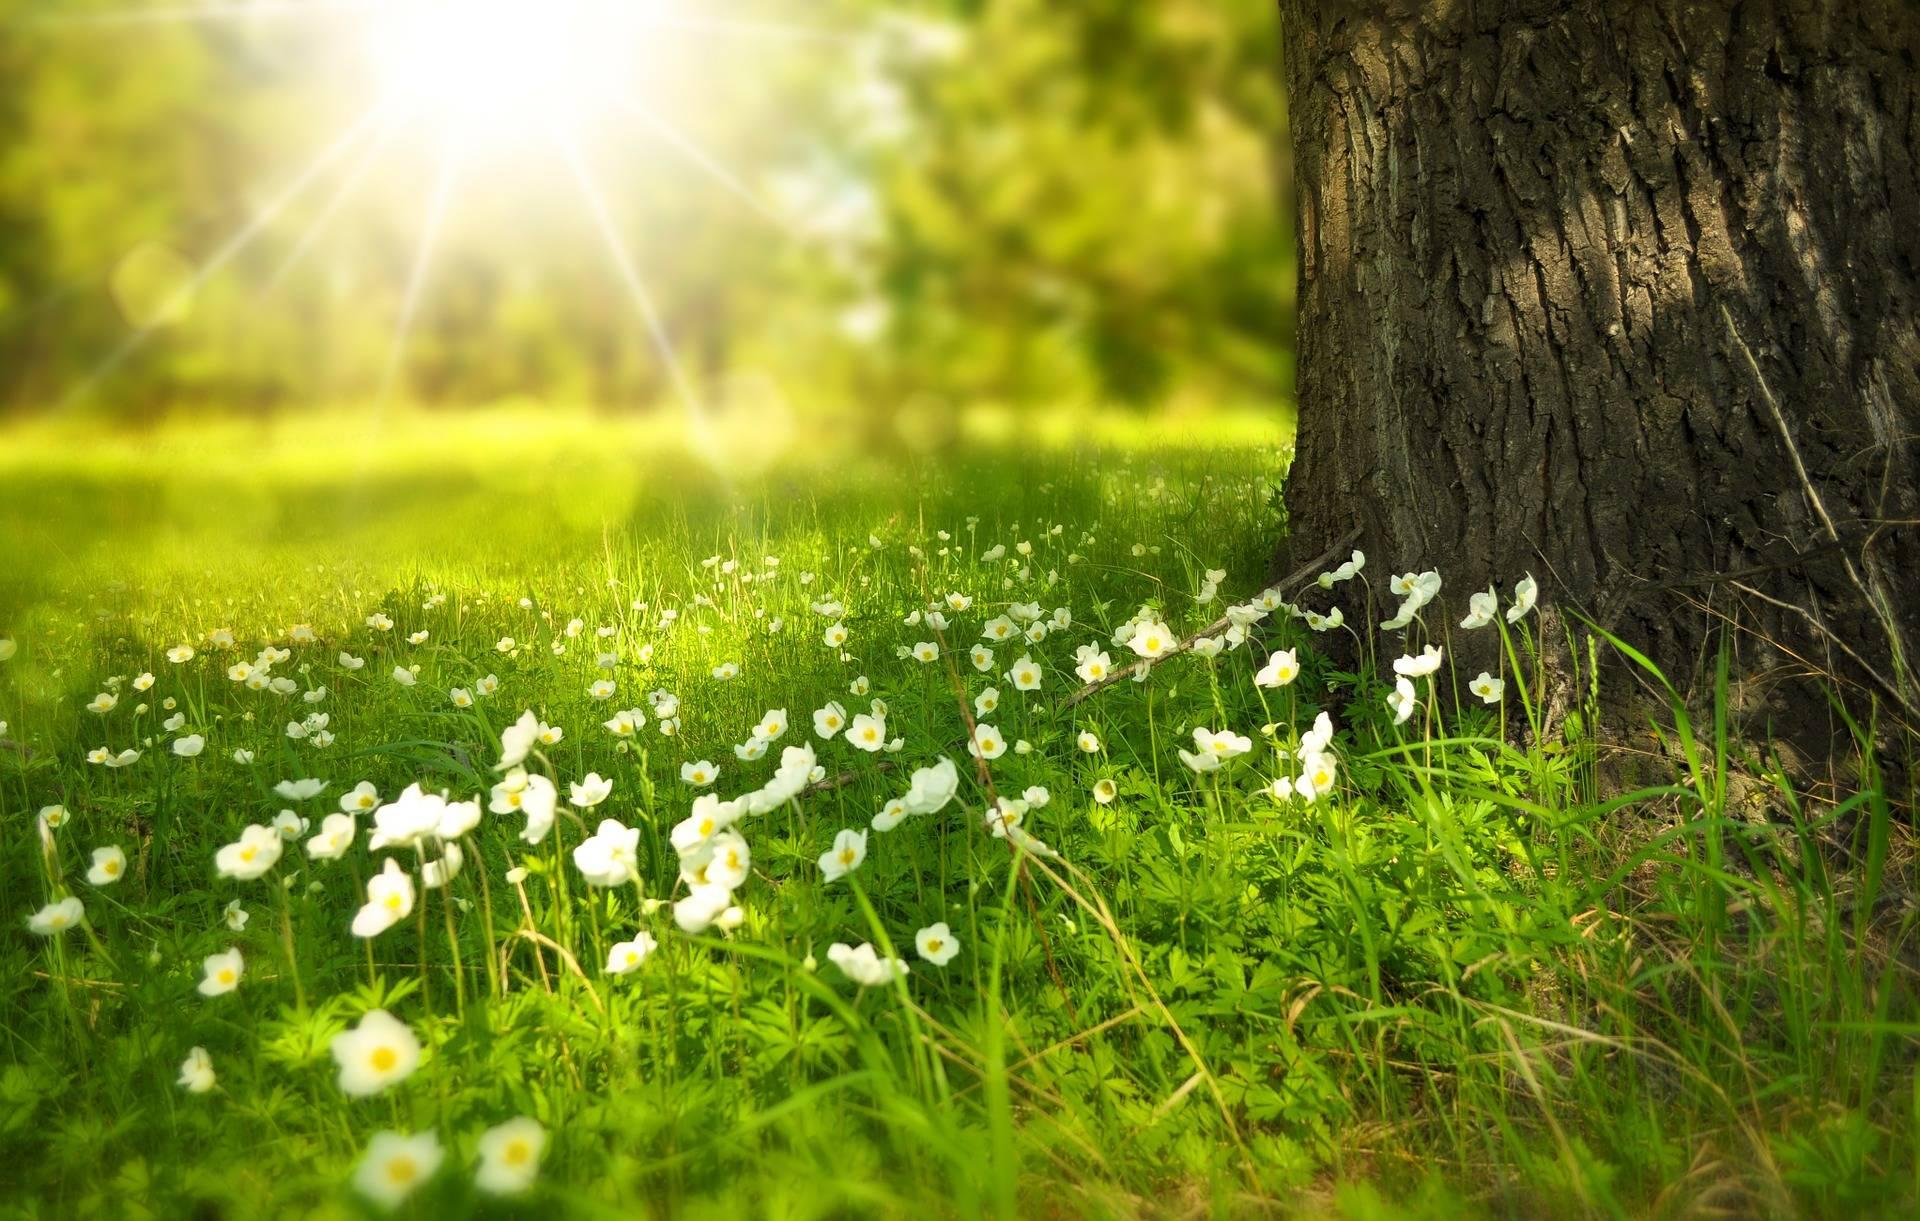 Alergia w medycynie chińskiej. Zielona łąka leśna, na której rosną drobne białe kwiatki, obok stoi drzewo.